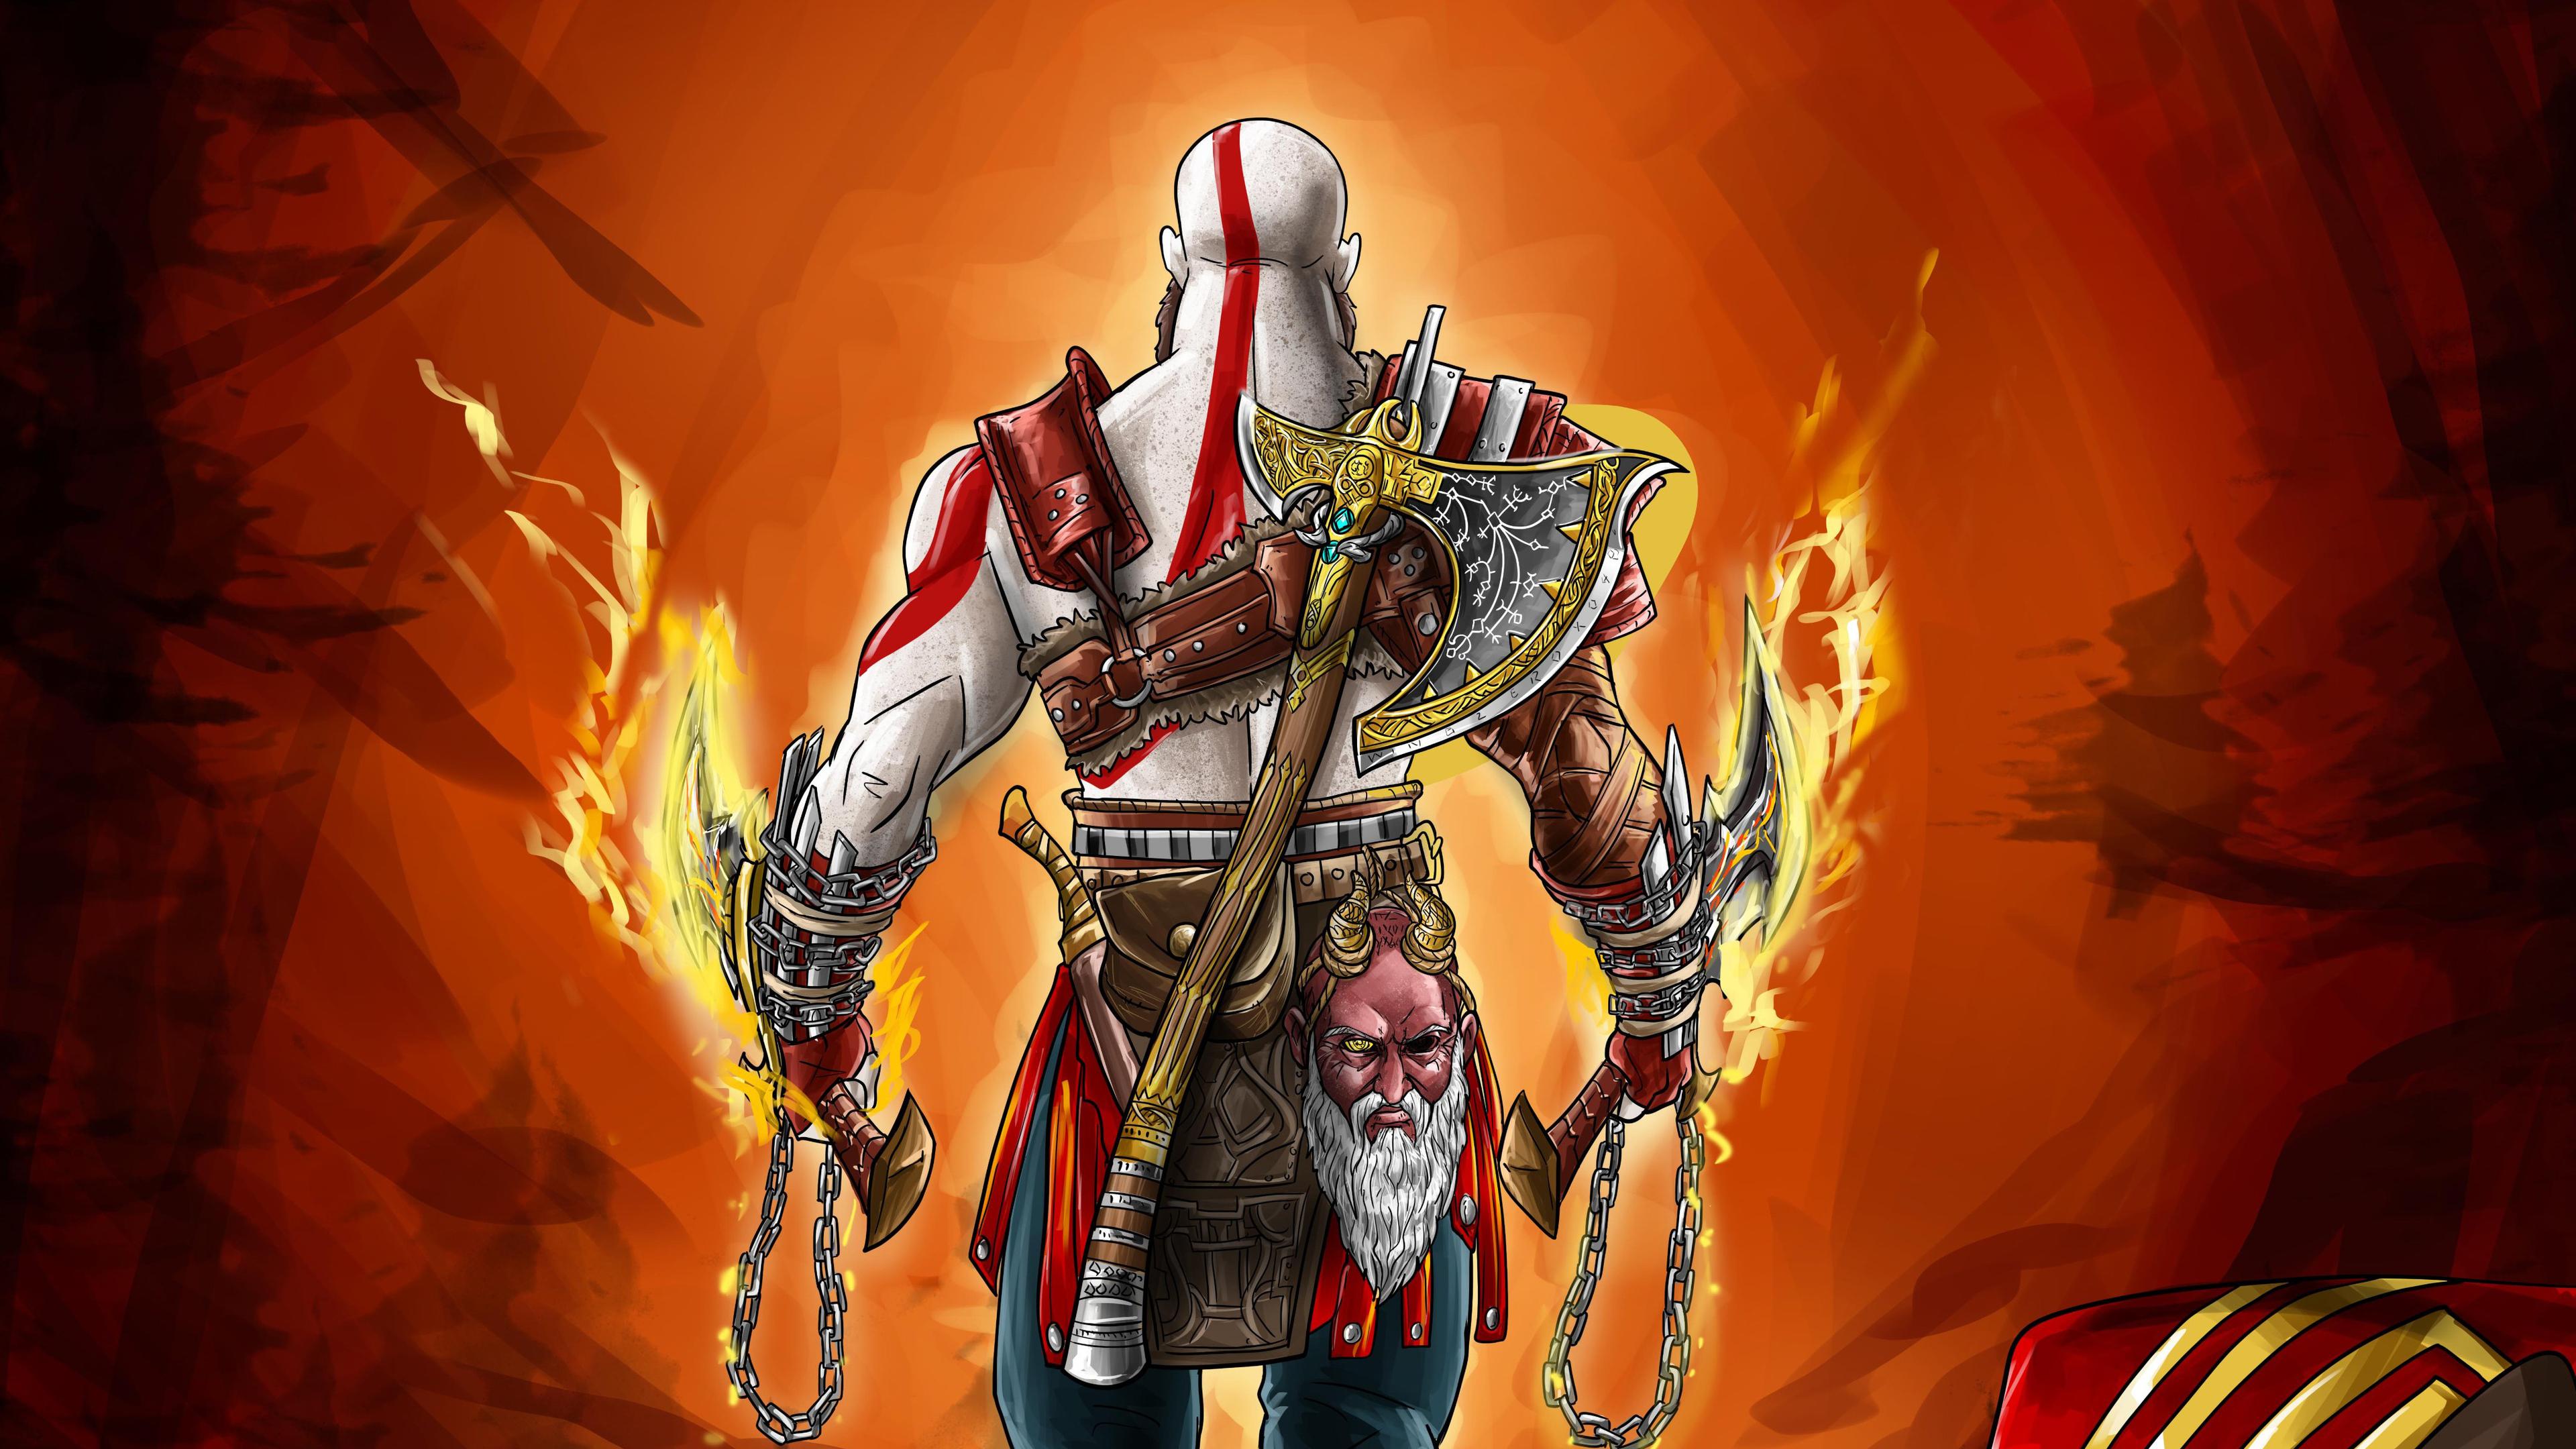 god-of-war-4-digital-art-4k-du.jpg